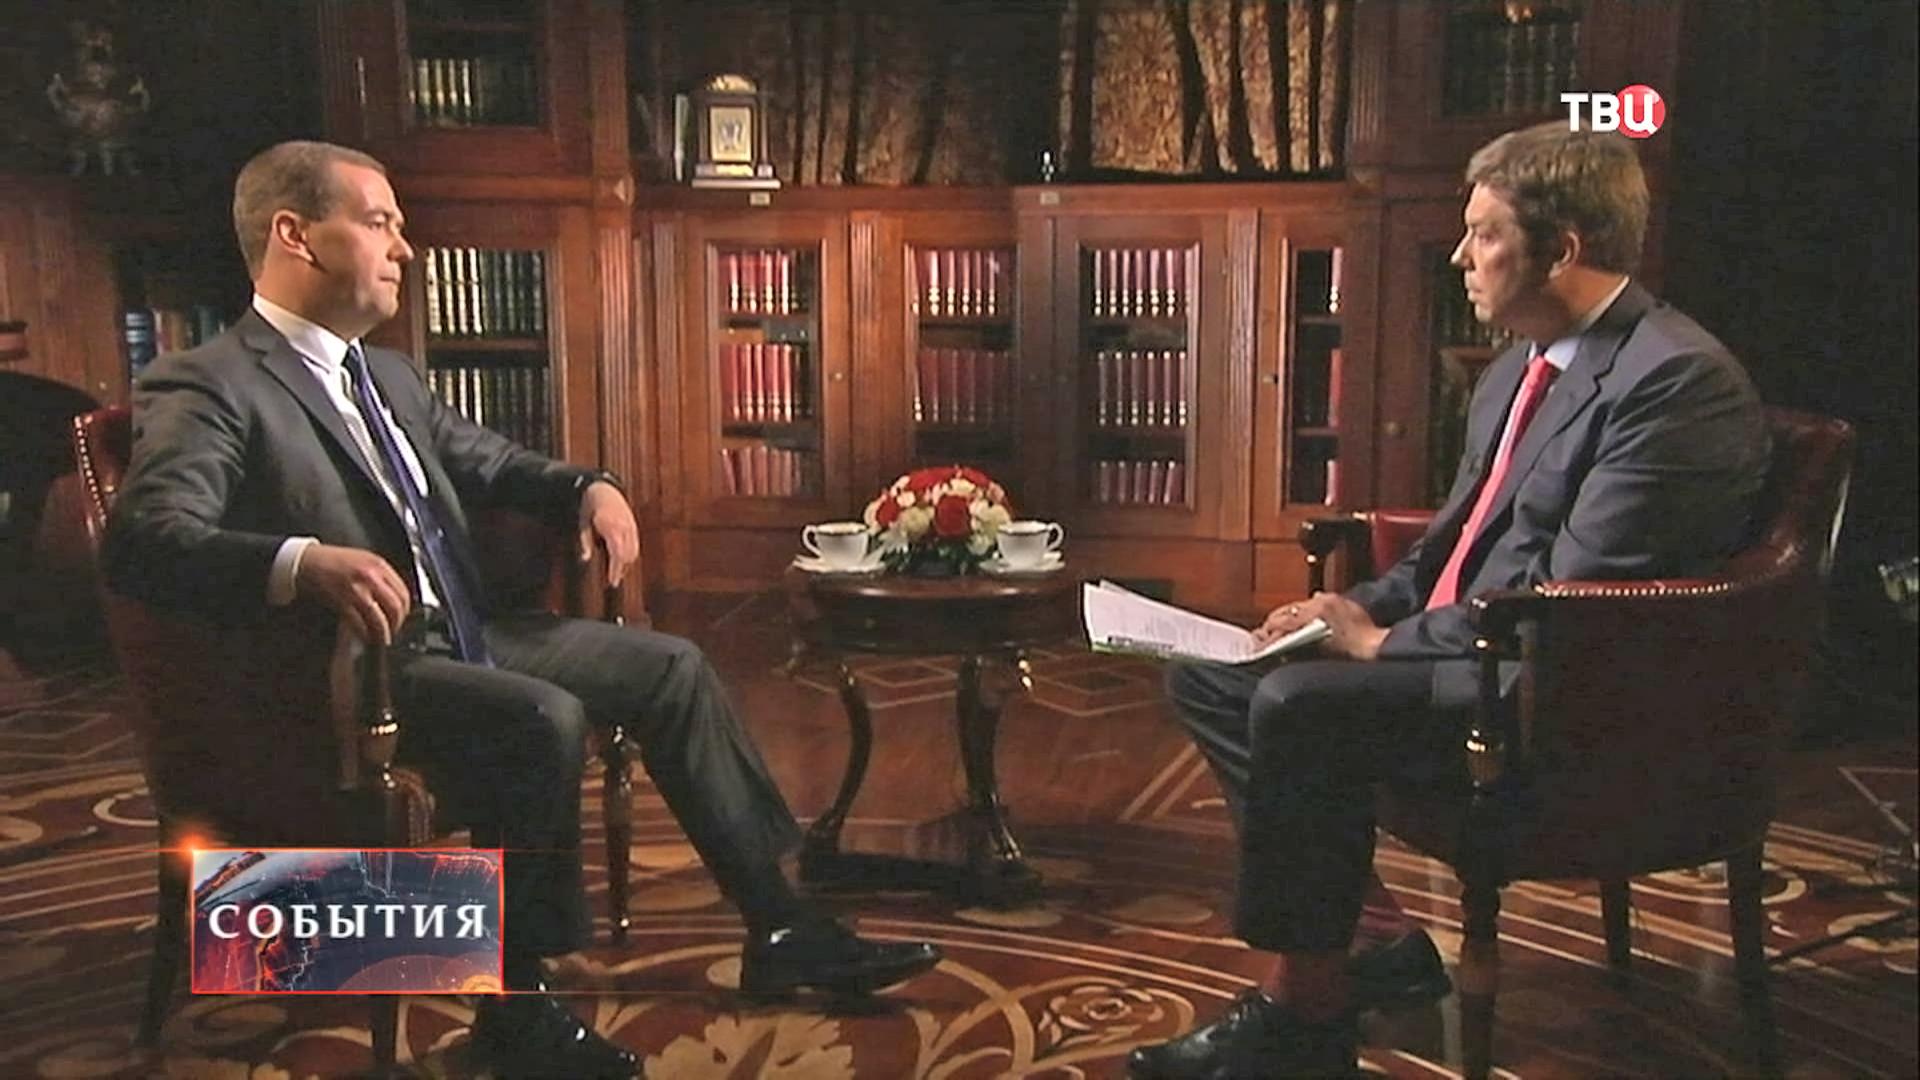 Дмитрий Медведев дает интервью